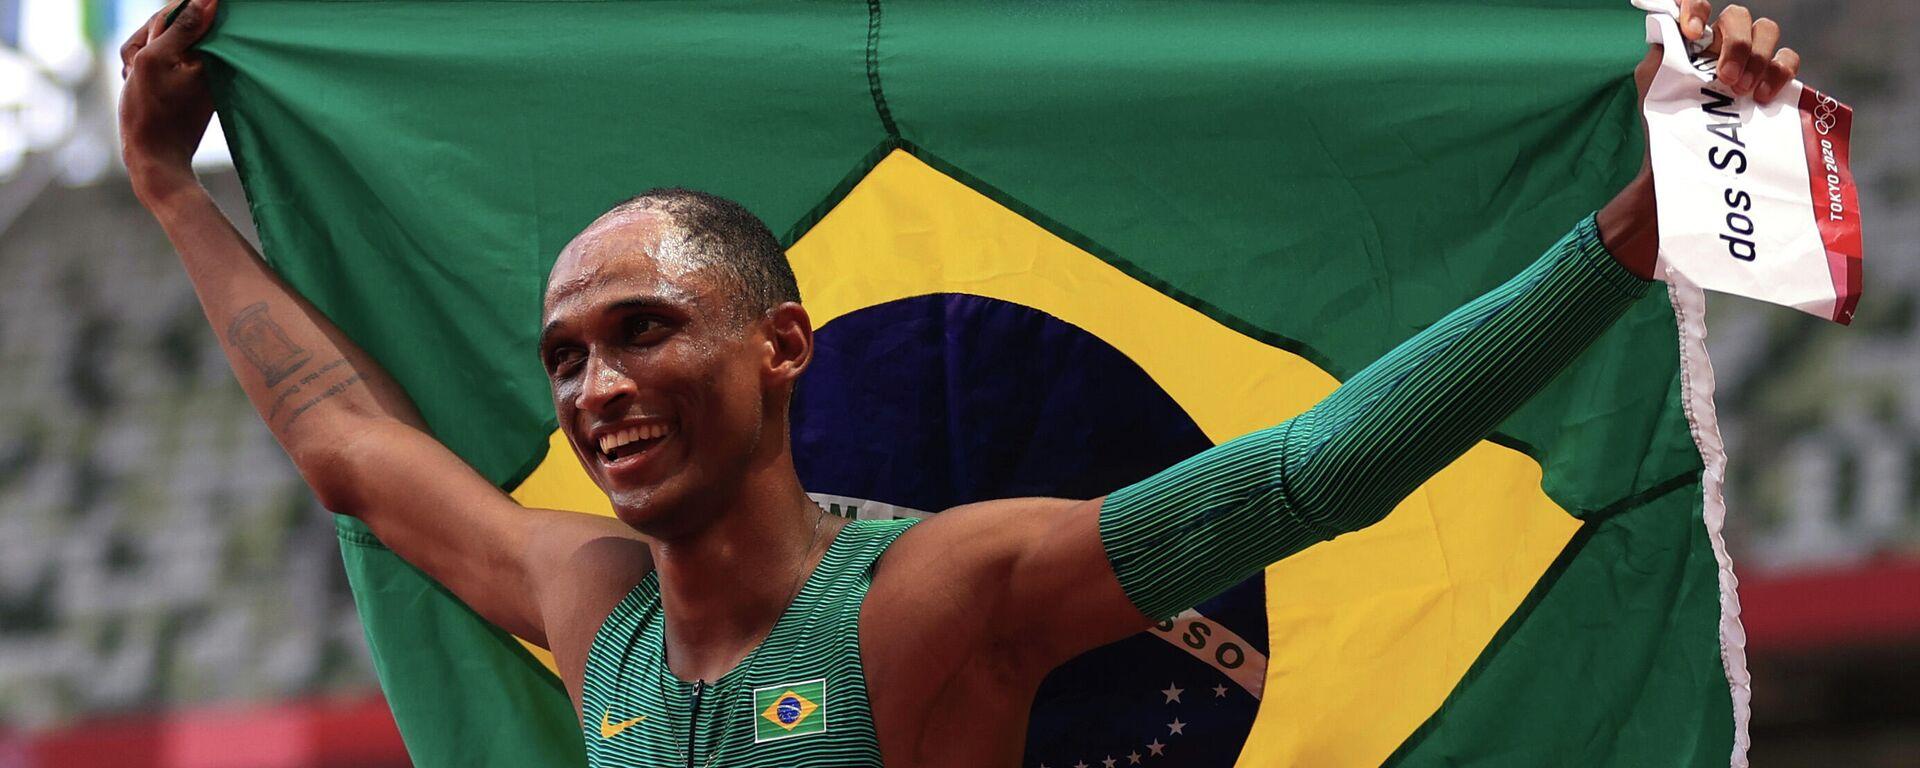 Alison dos Santos, atleta de Brasil - Sputnik Mundo, 1920, 03.08.2021